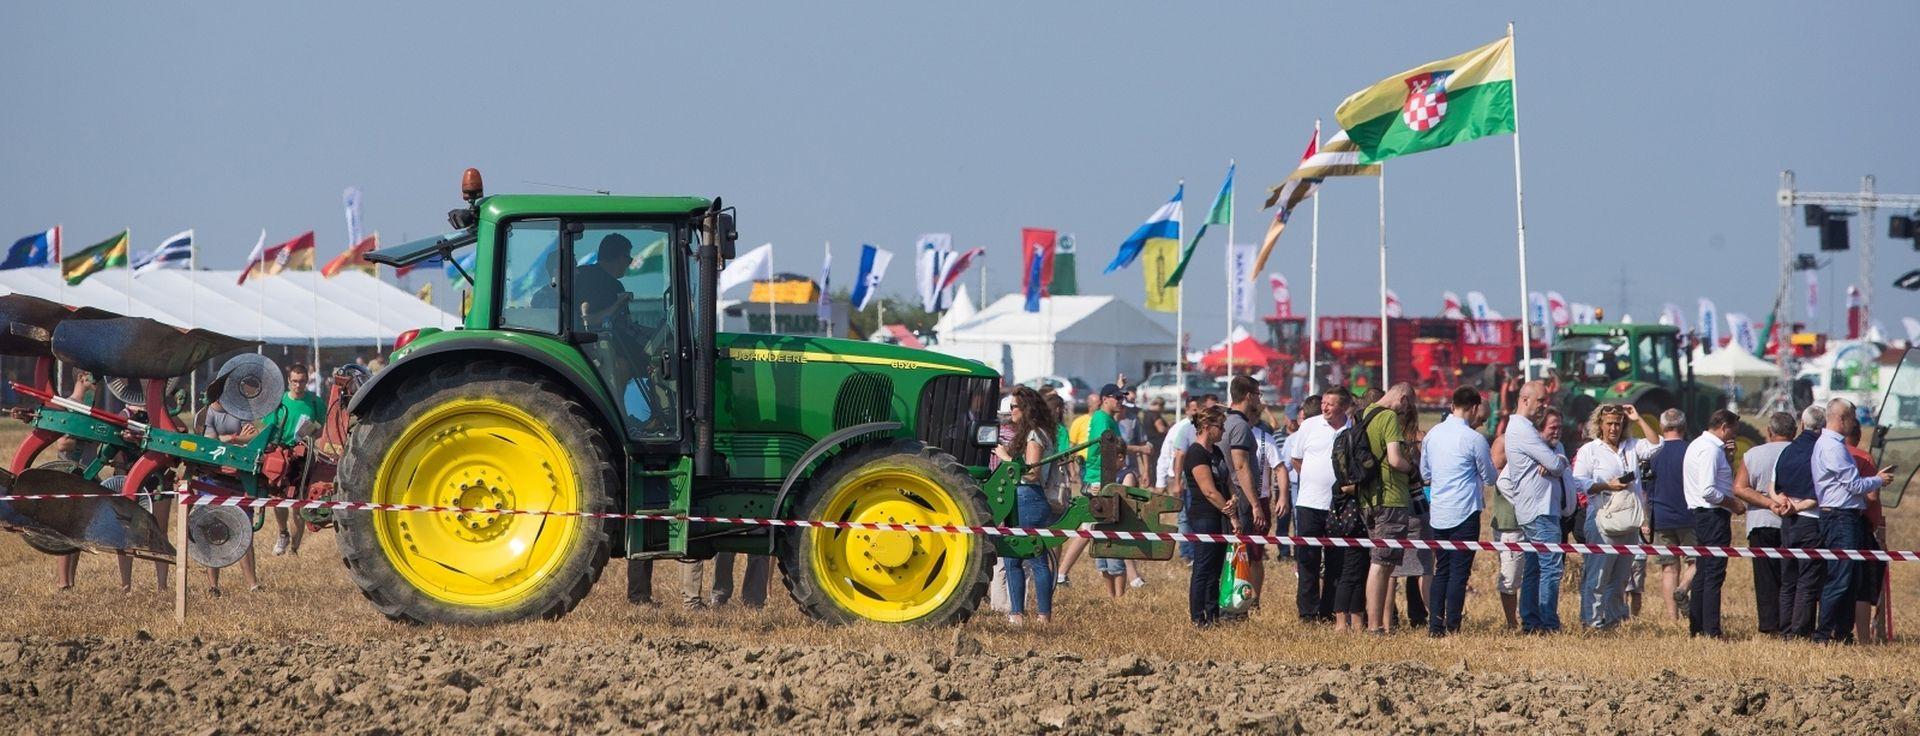 Ministar Tolušić u Osijeku otvorio 5. Farm Show